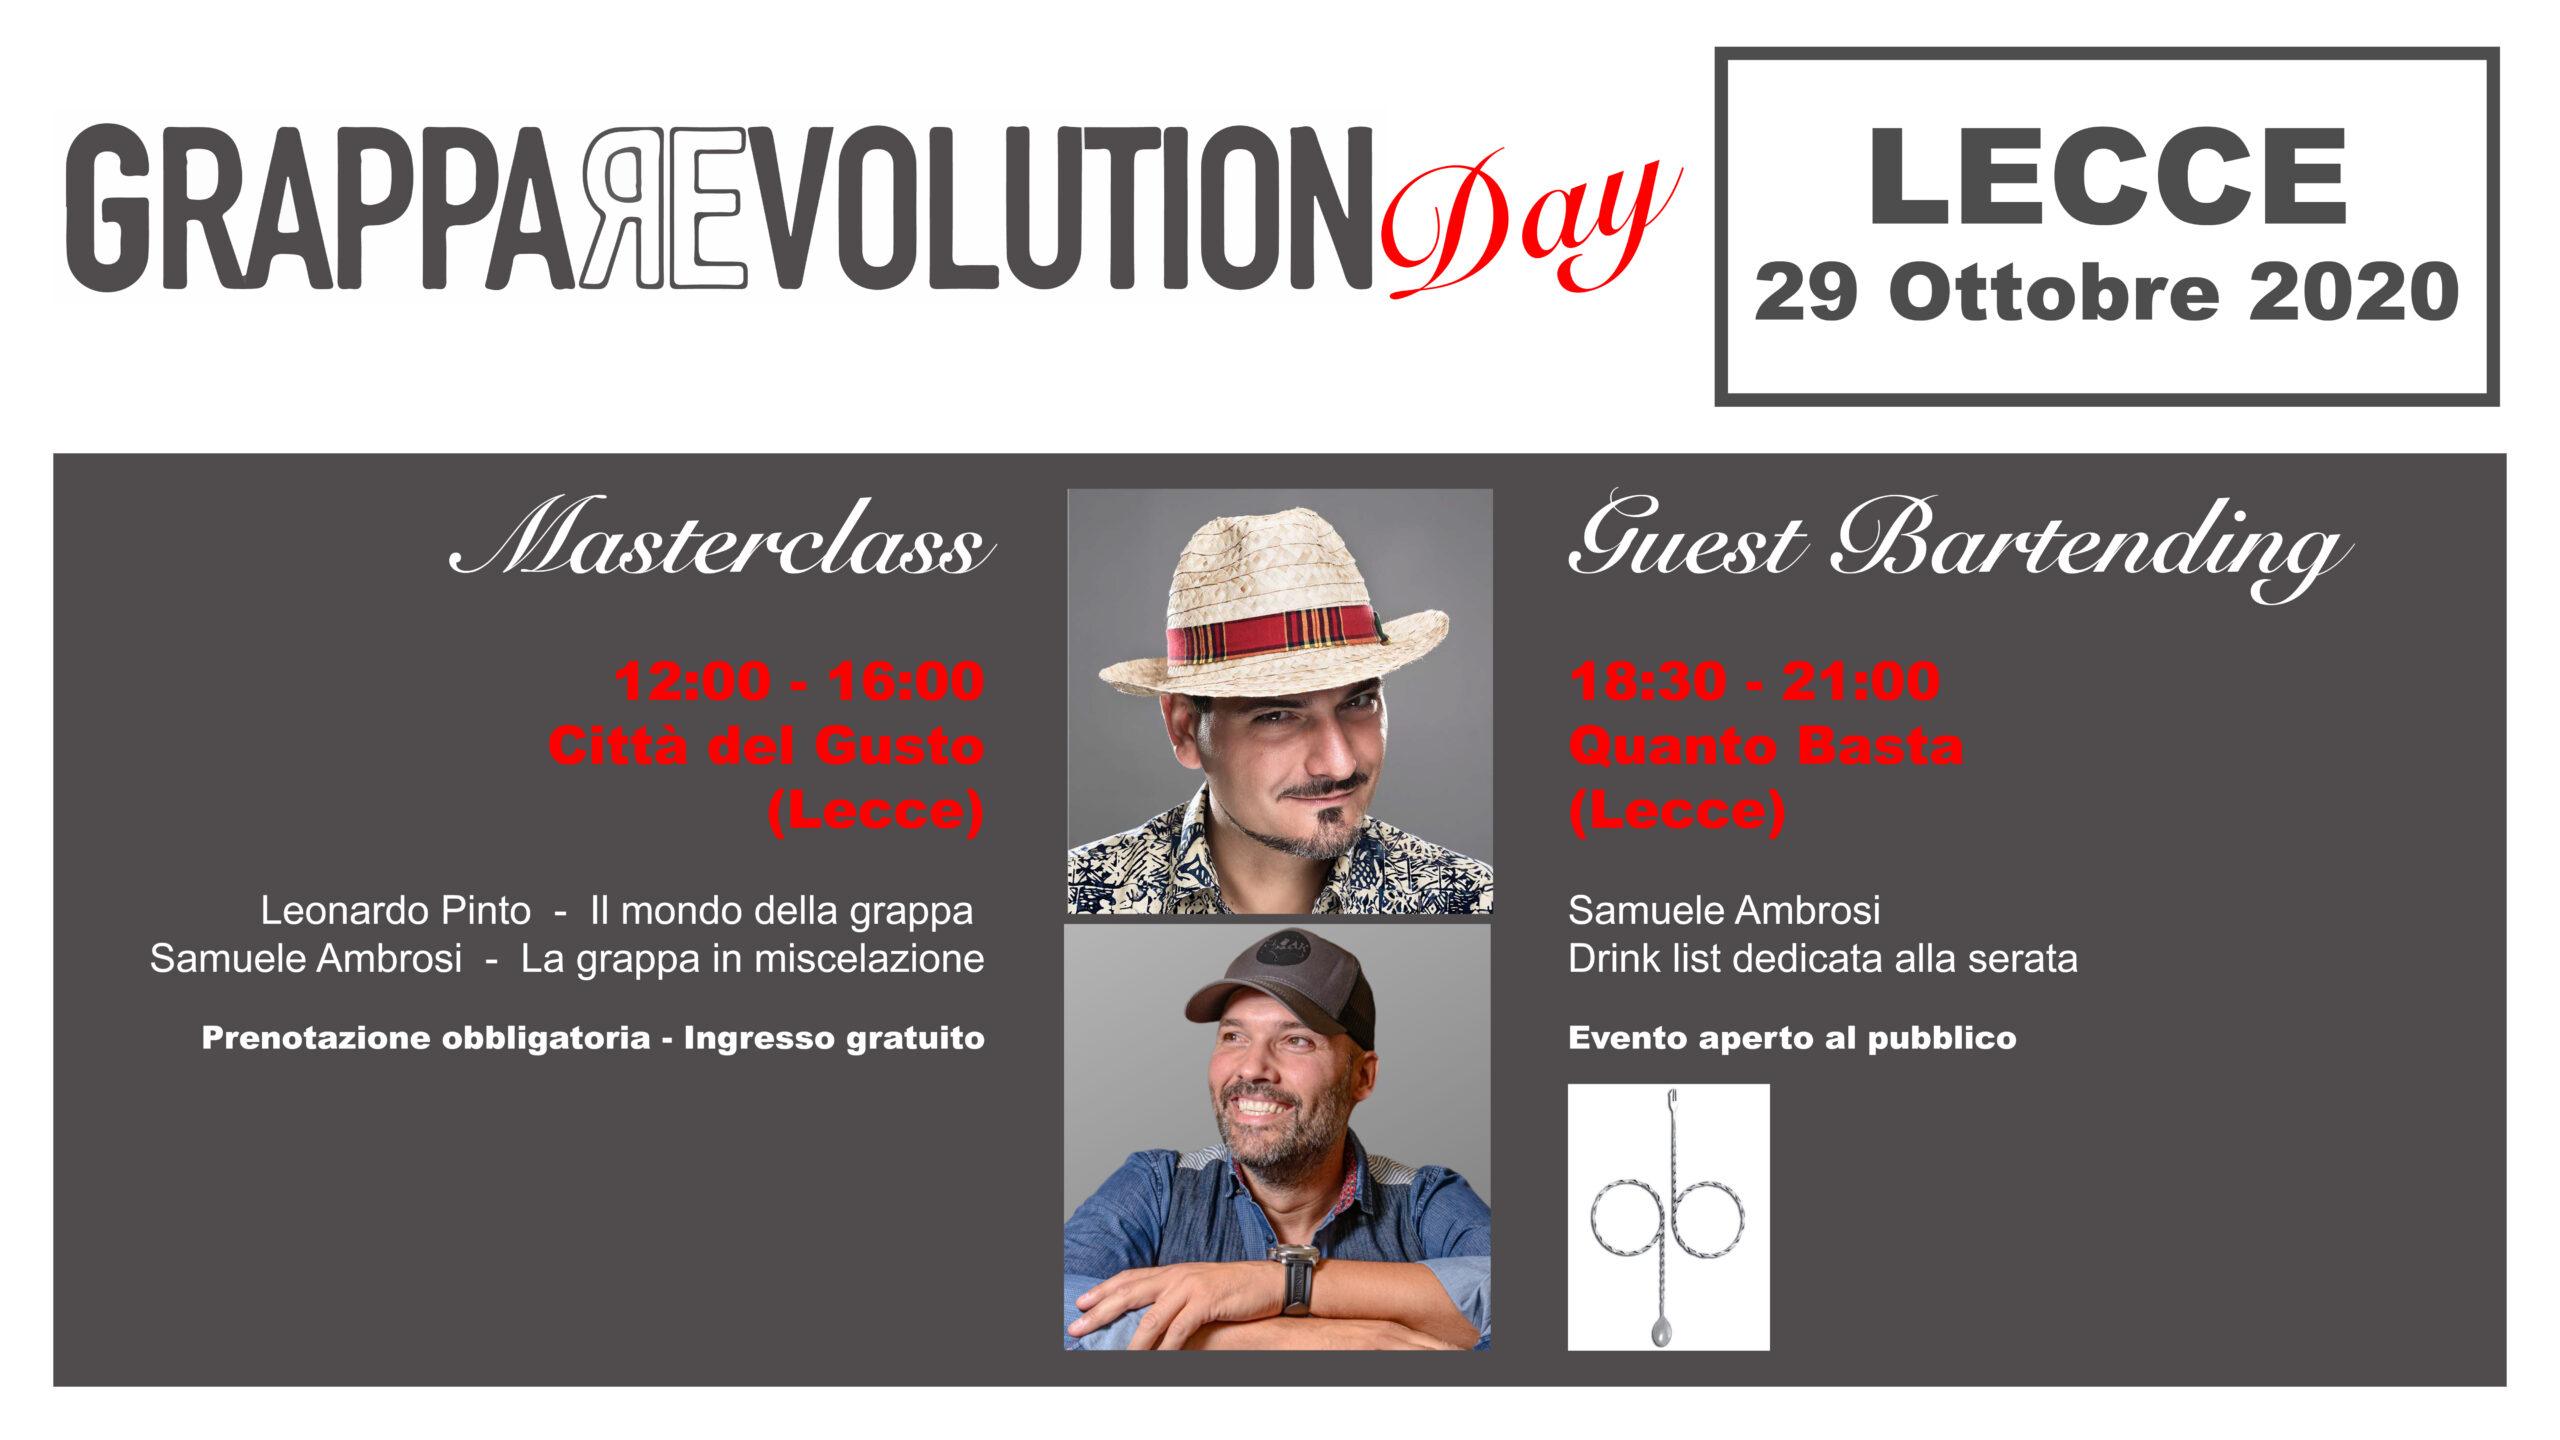 GrappaRevolution Day, Lecce, 29 ottobre 2020. Masterclass, tasting, mixing grappa. Cocktails. Samuele Ambrosi, Leonardo Pinto